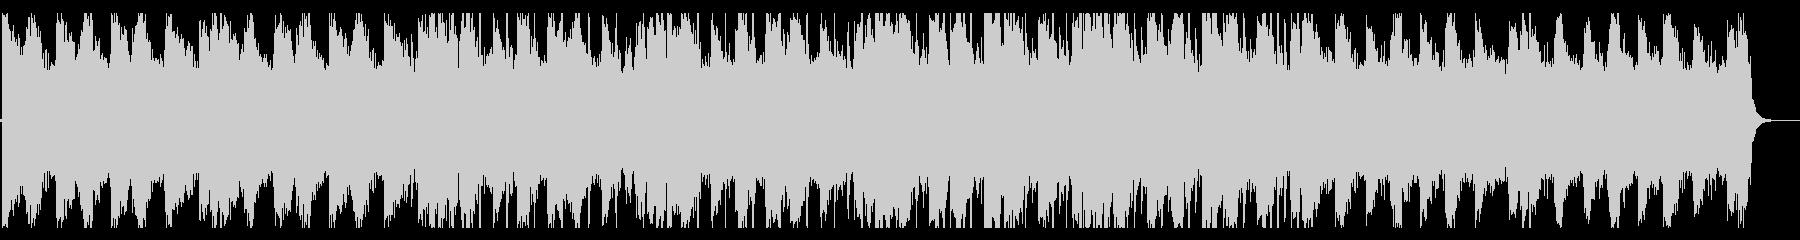 涼しげなHiphop_No383_3の未再生の波形